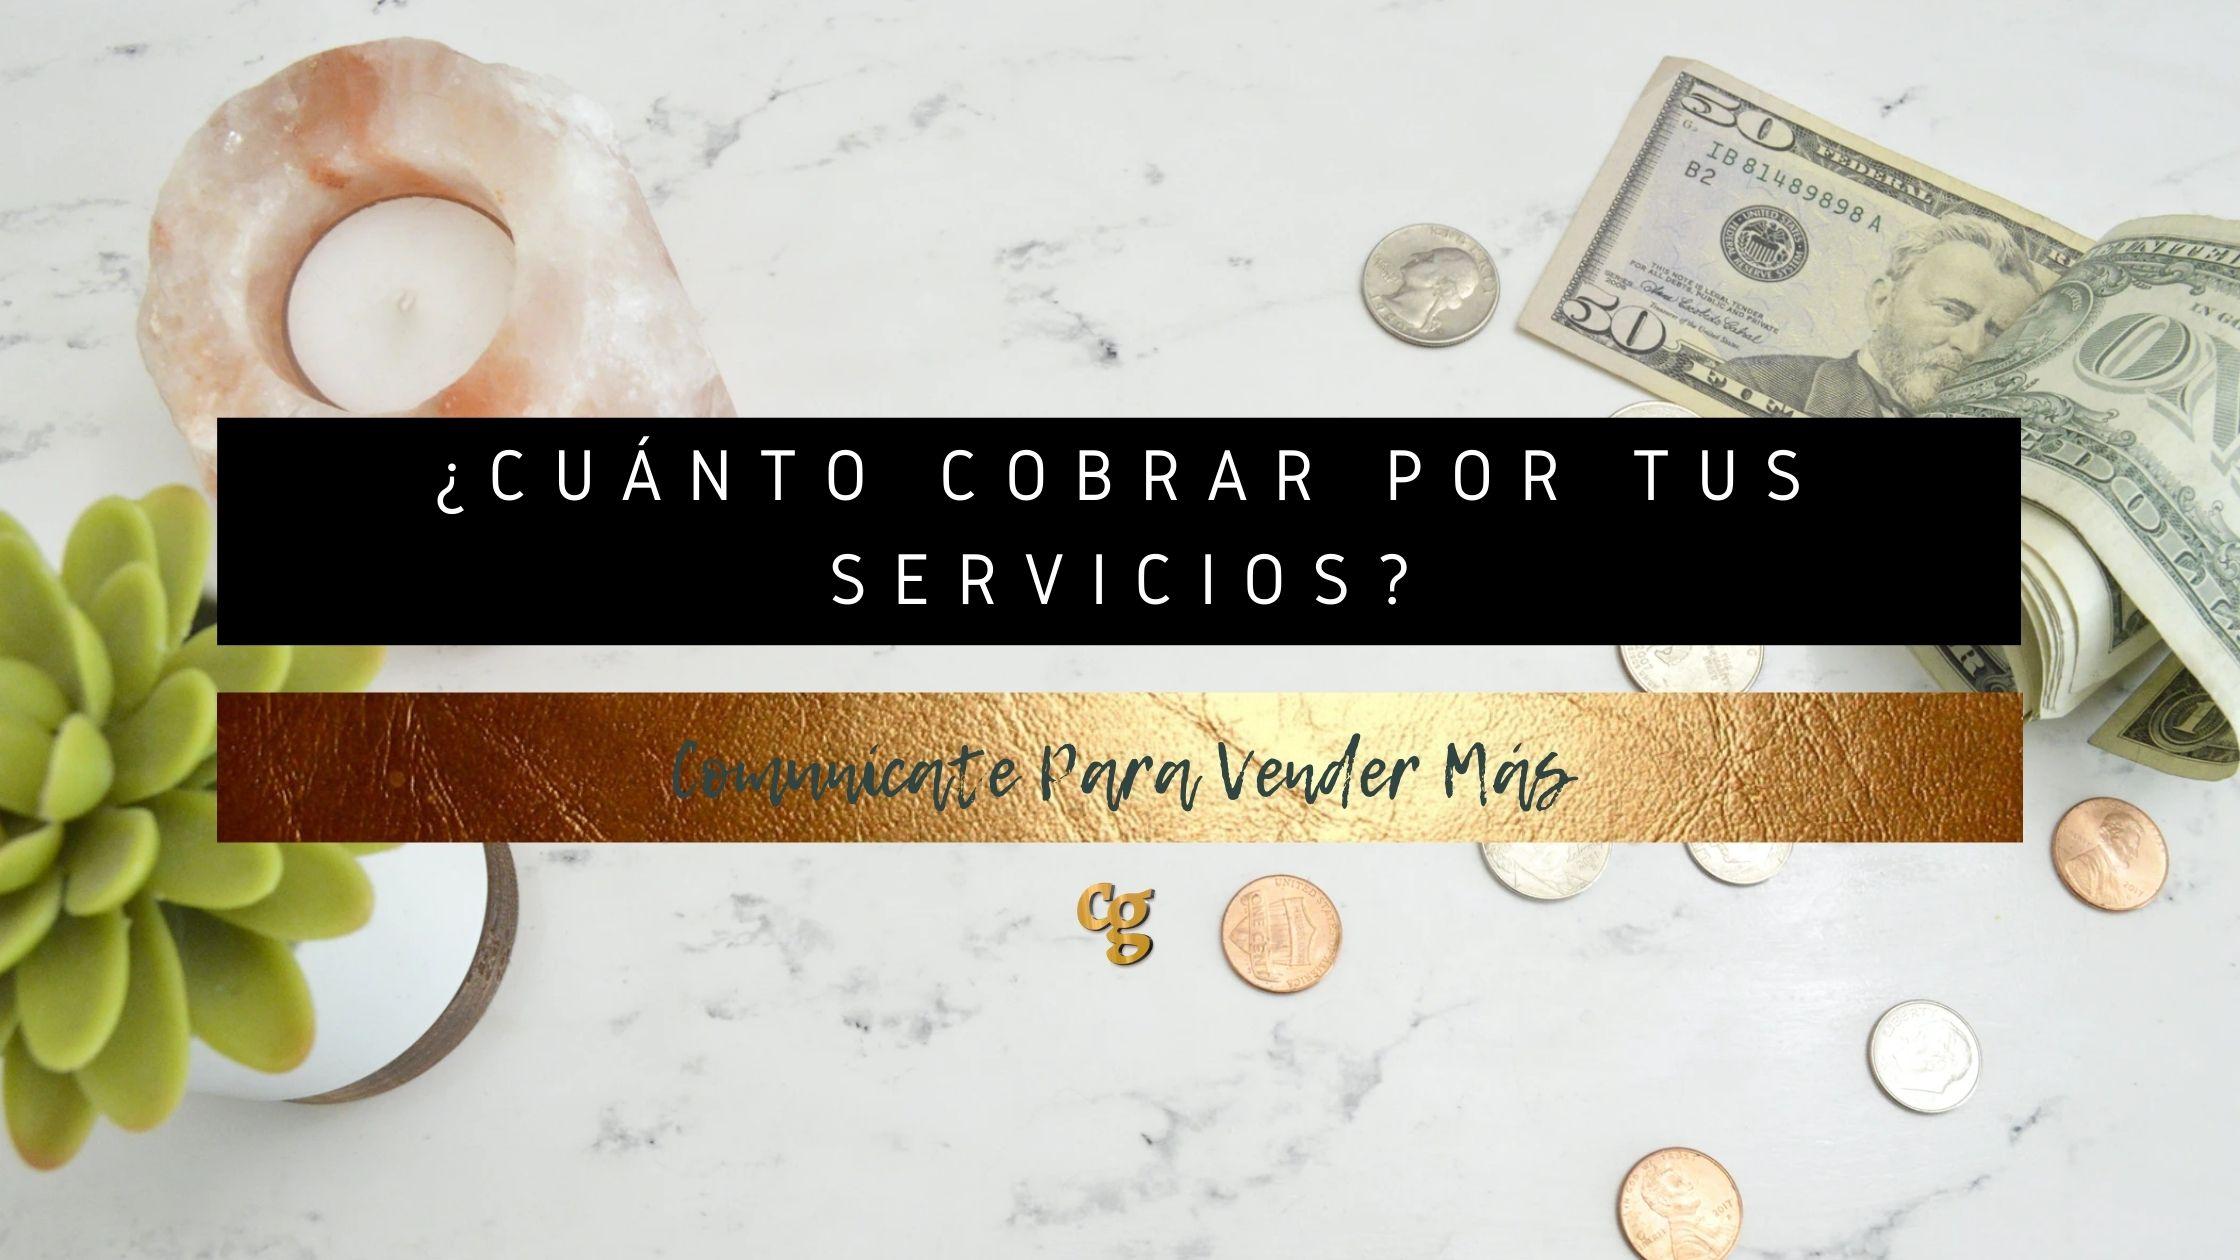 Cuánto cobrar por tus servicios